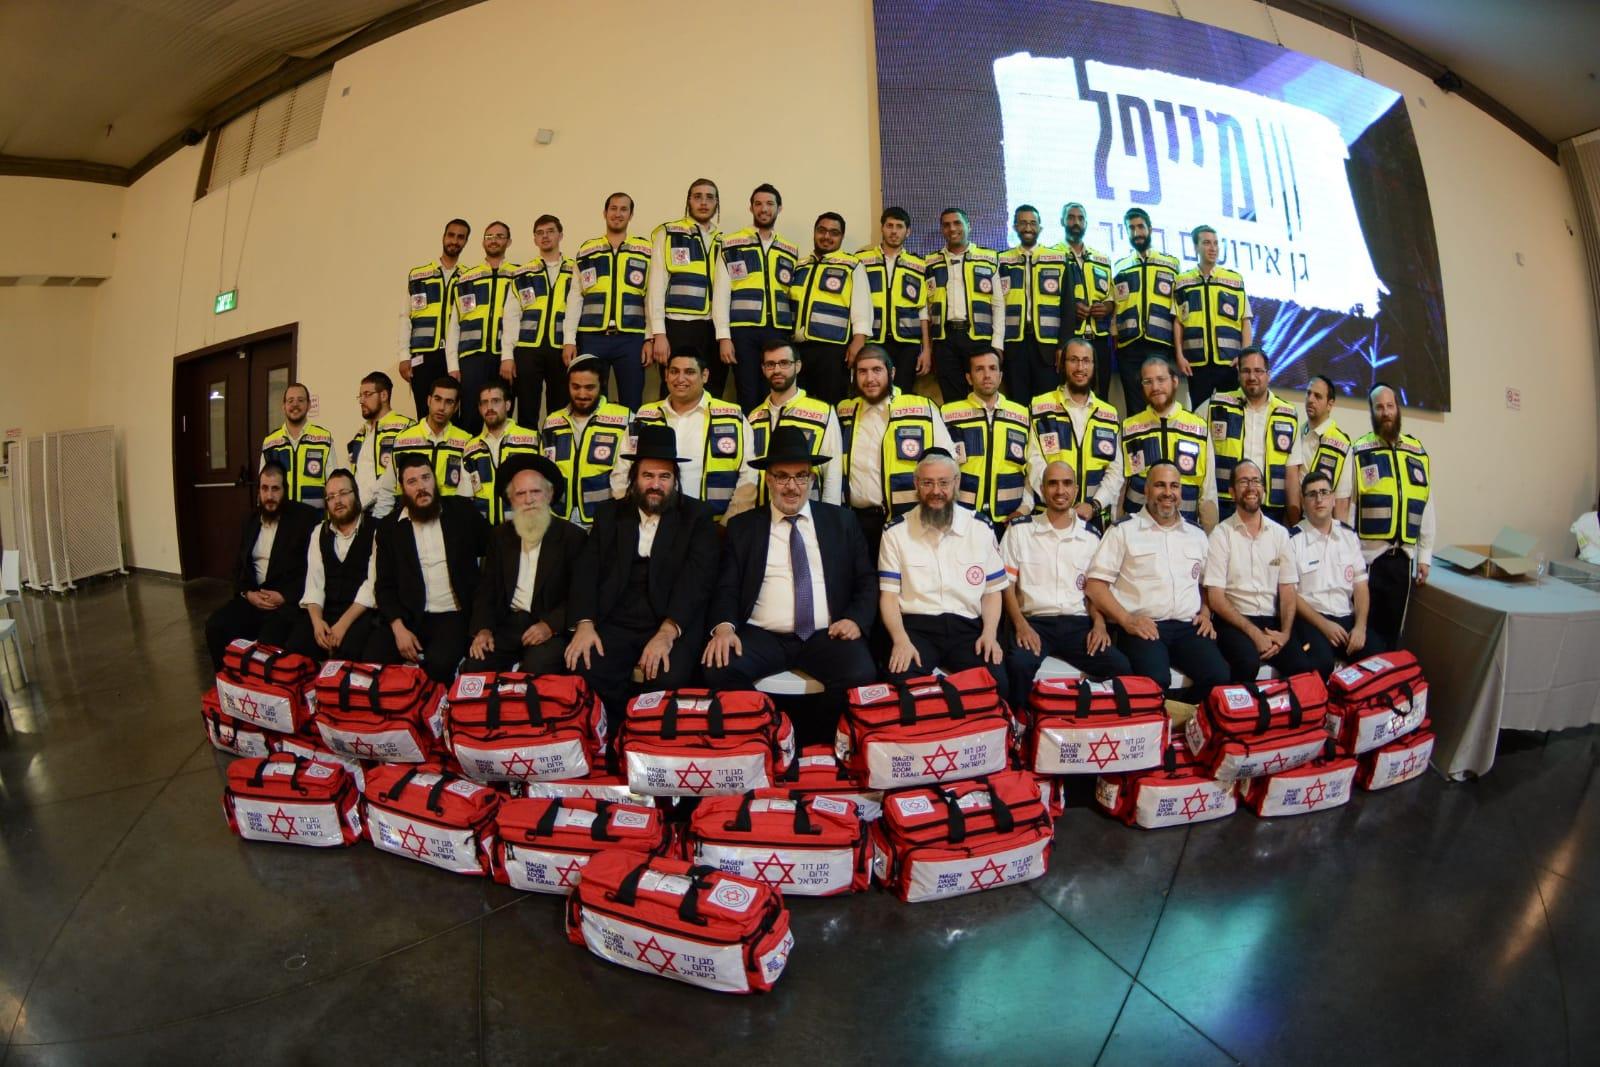 במעמד מרשים: הוסמכו 100 מתנדבים חדשים לארגון